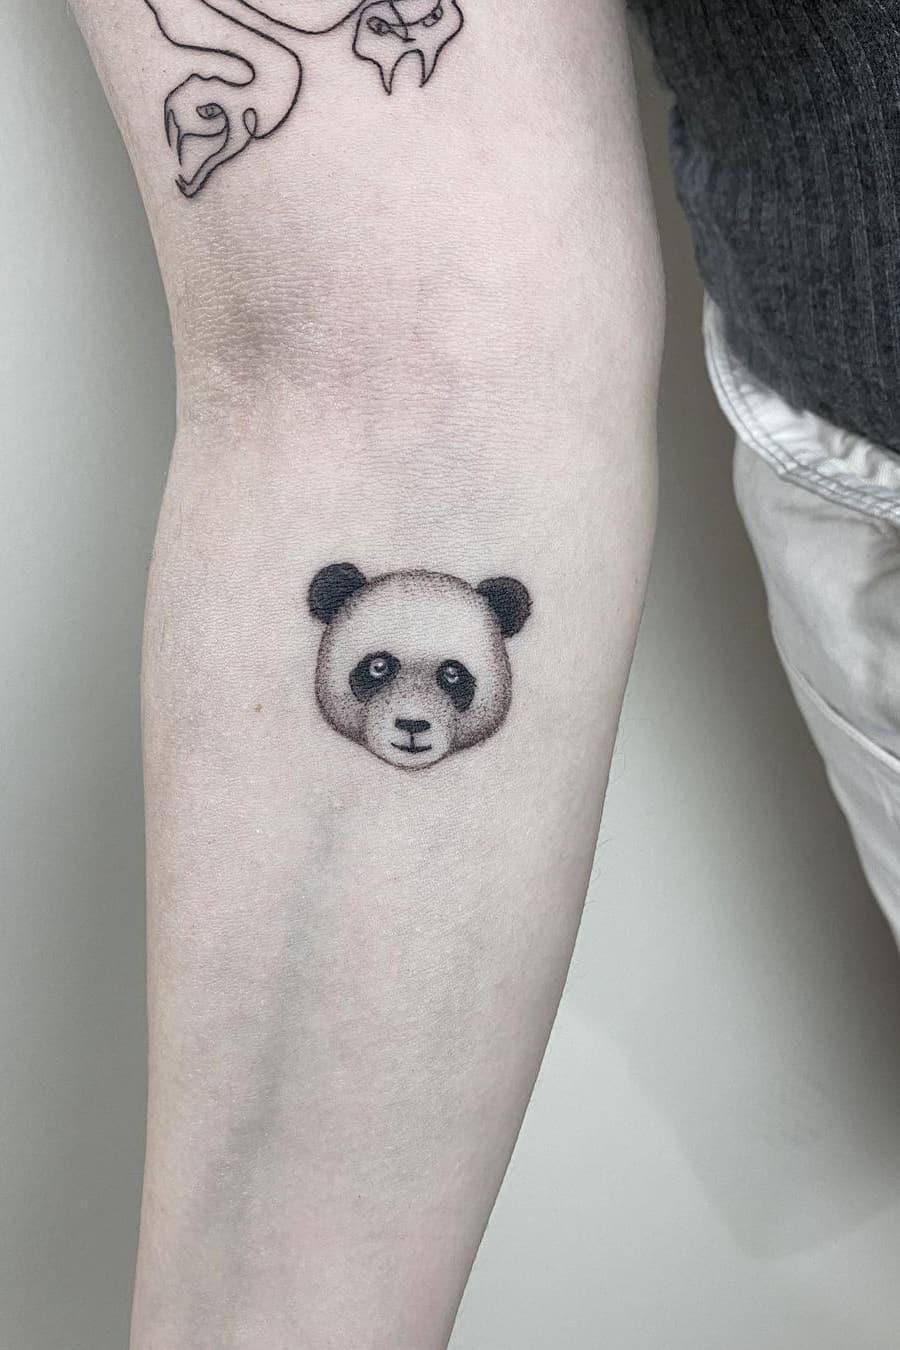 Panda face tattoo